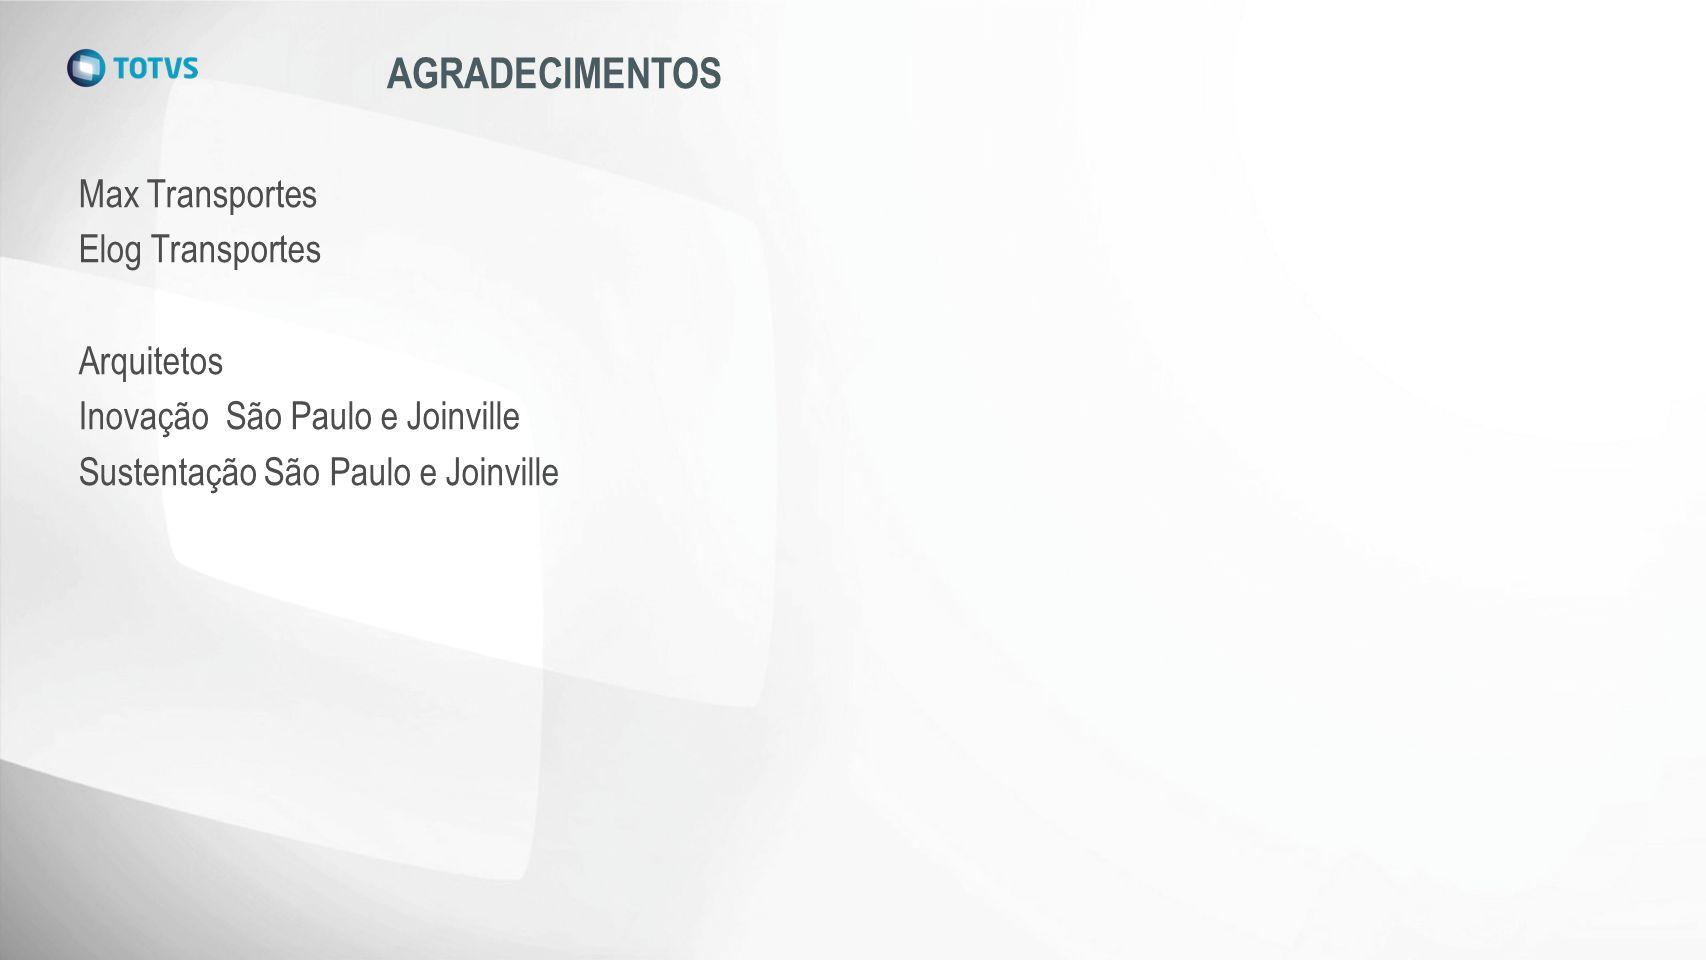 AGRADECIMENTOS Max Transportes Elog Transportes Arquitetos Inovação São Paulo e Joinville Sustentação São Paulo e Joinville